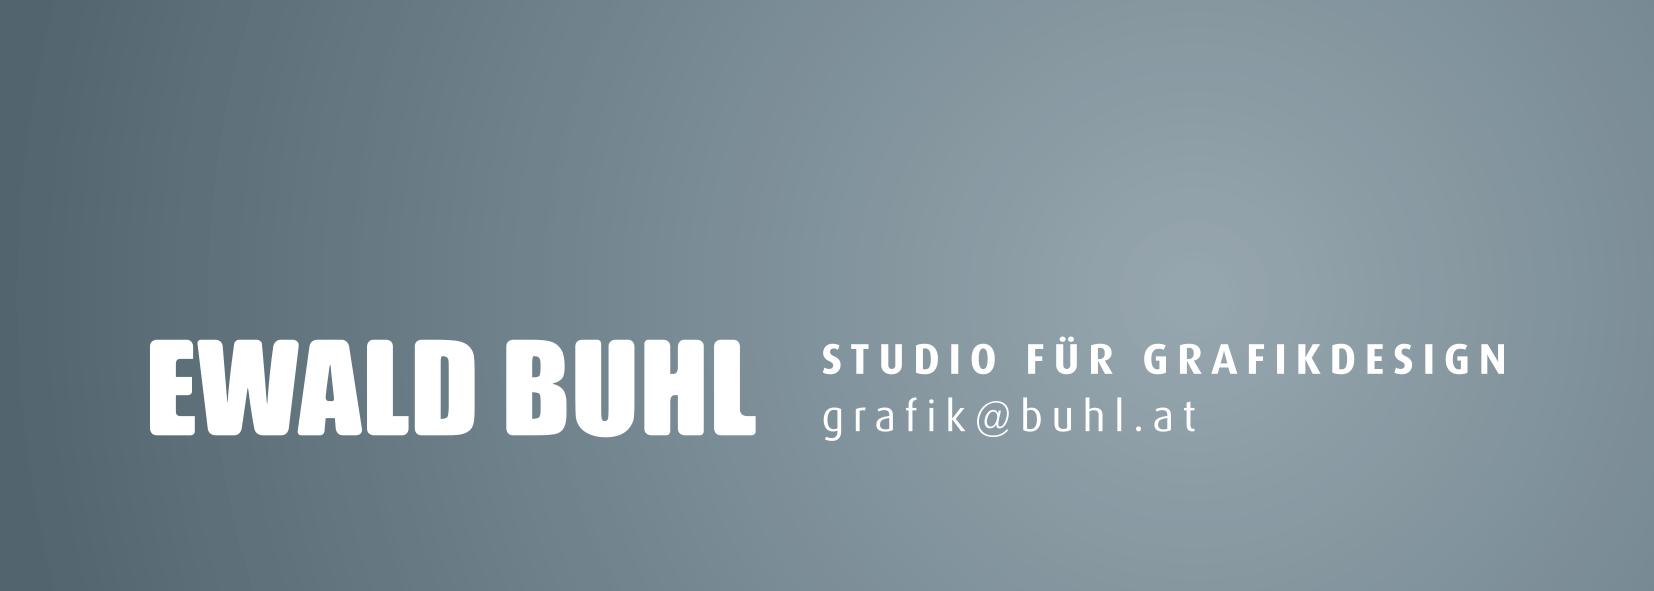 Ewald Buhl